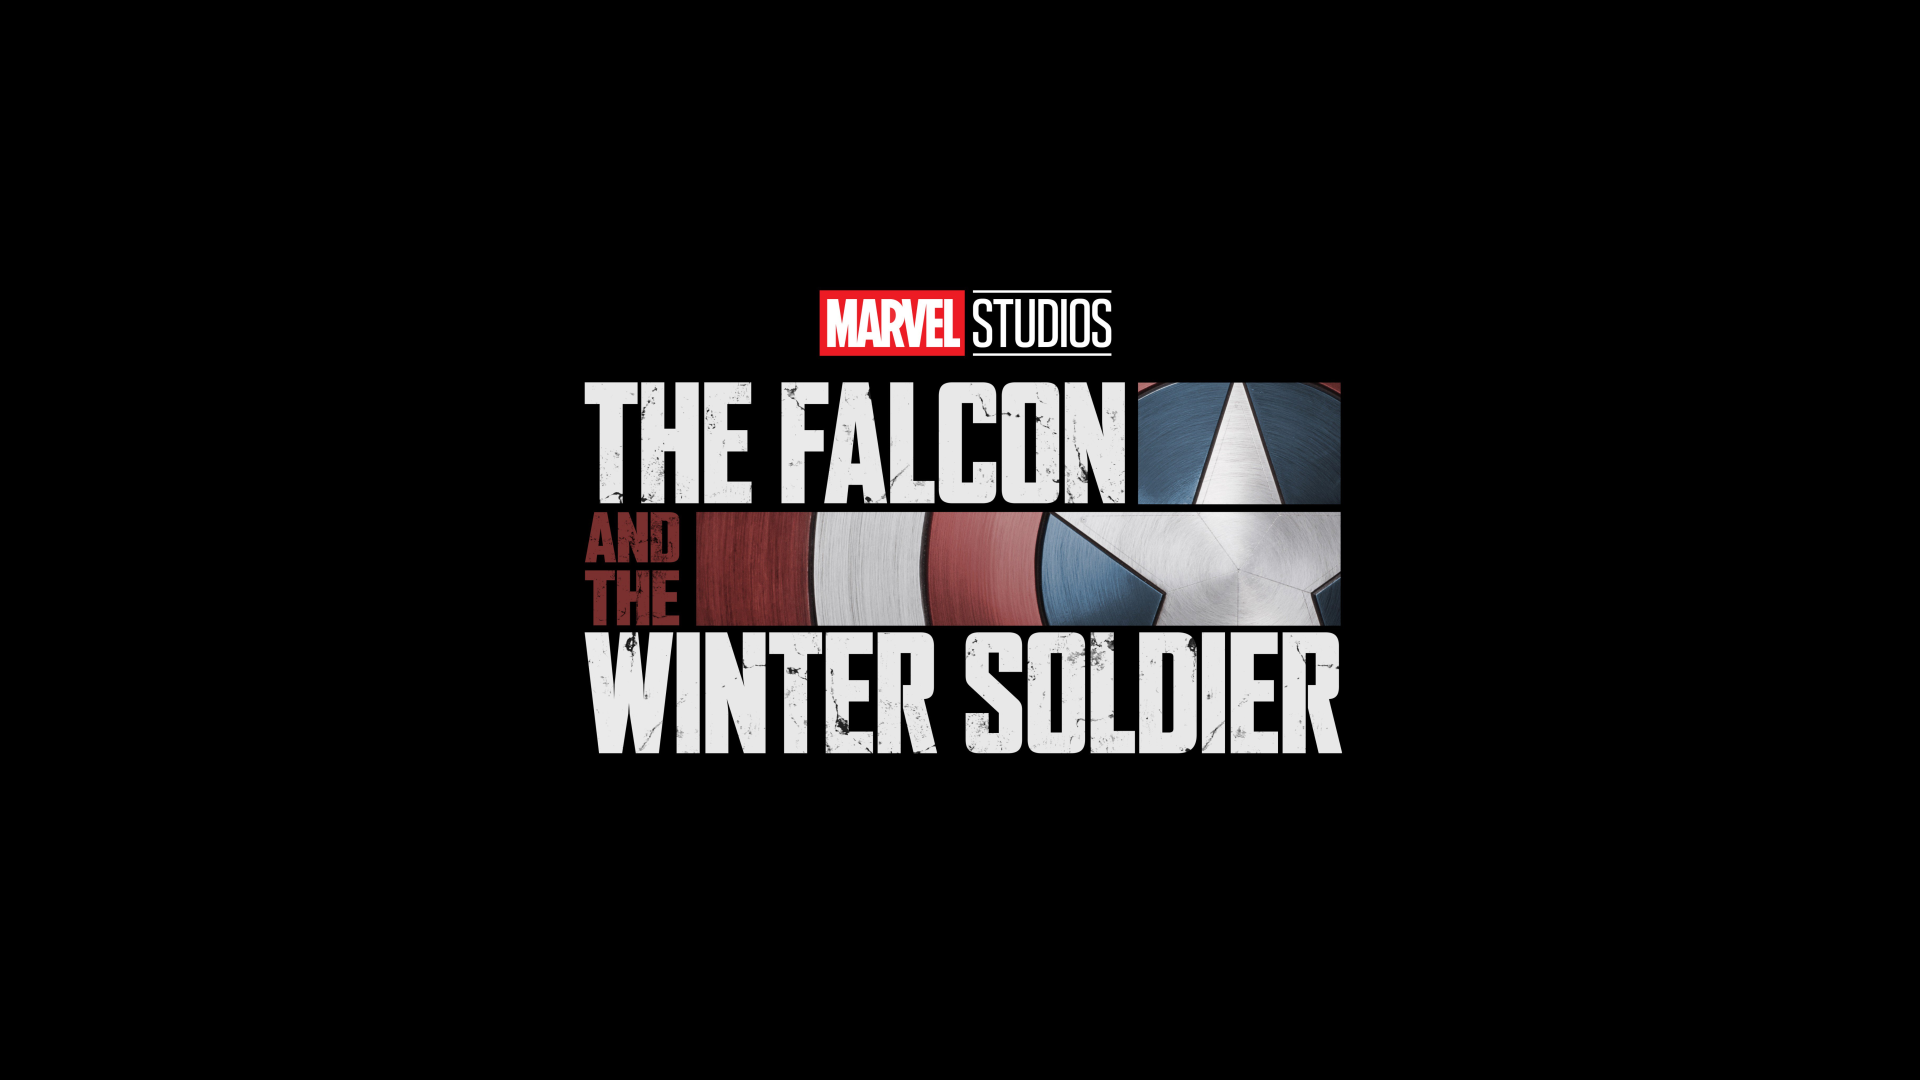 Pese a sus diferencias, Bucky y Sam unirán sus fuerzas cuando el mundo les necesite en The Falcon and the Winter Soldier.